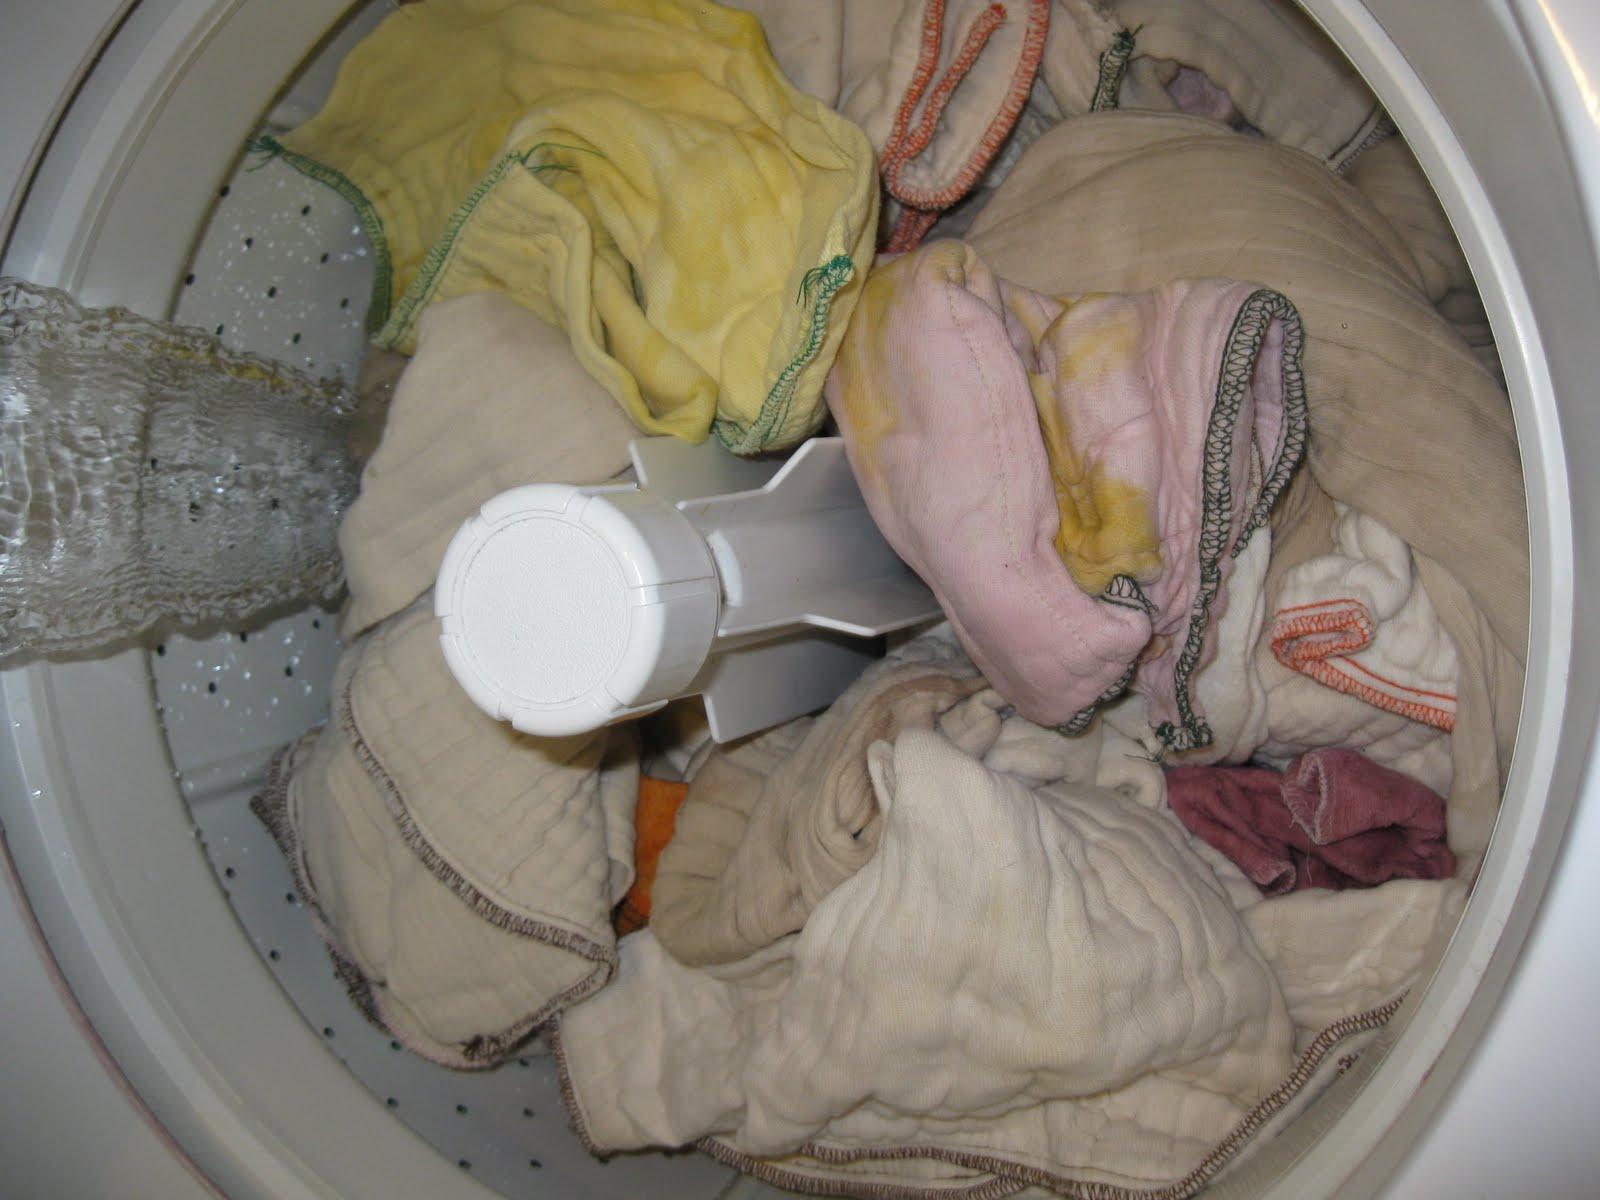 Adult diaper messing